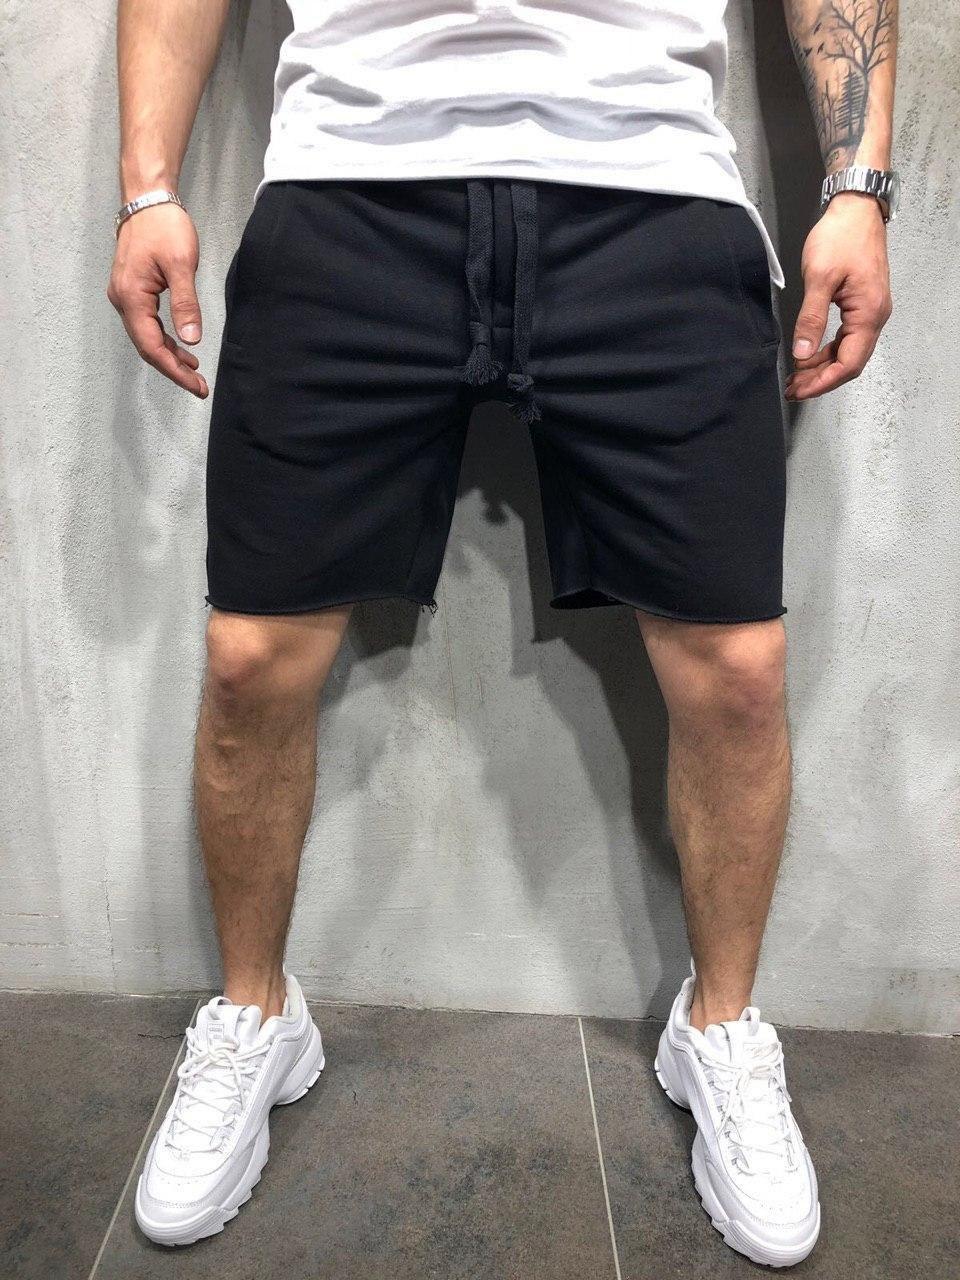 Чоловічі шорти за коліно, чорні трикотажні